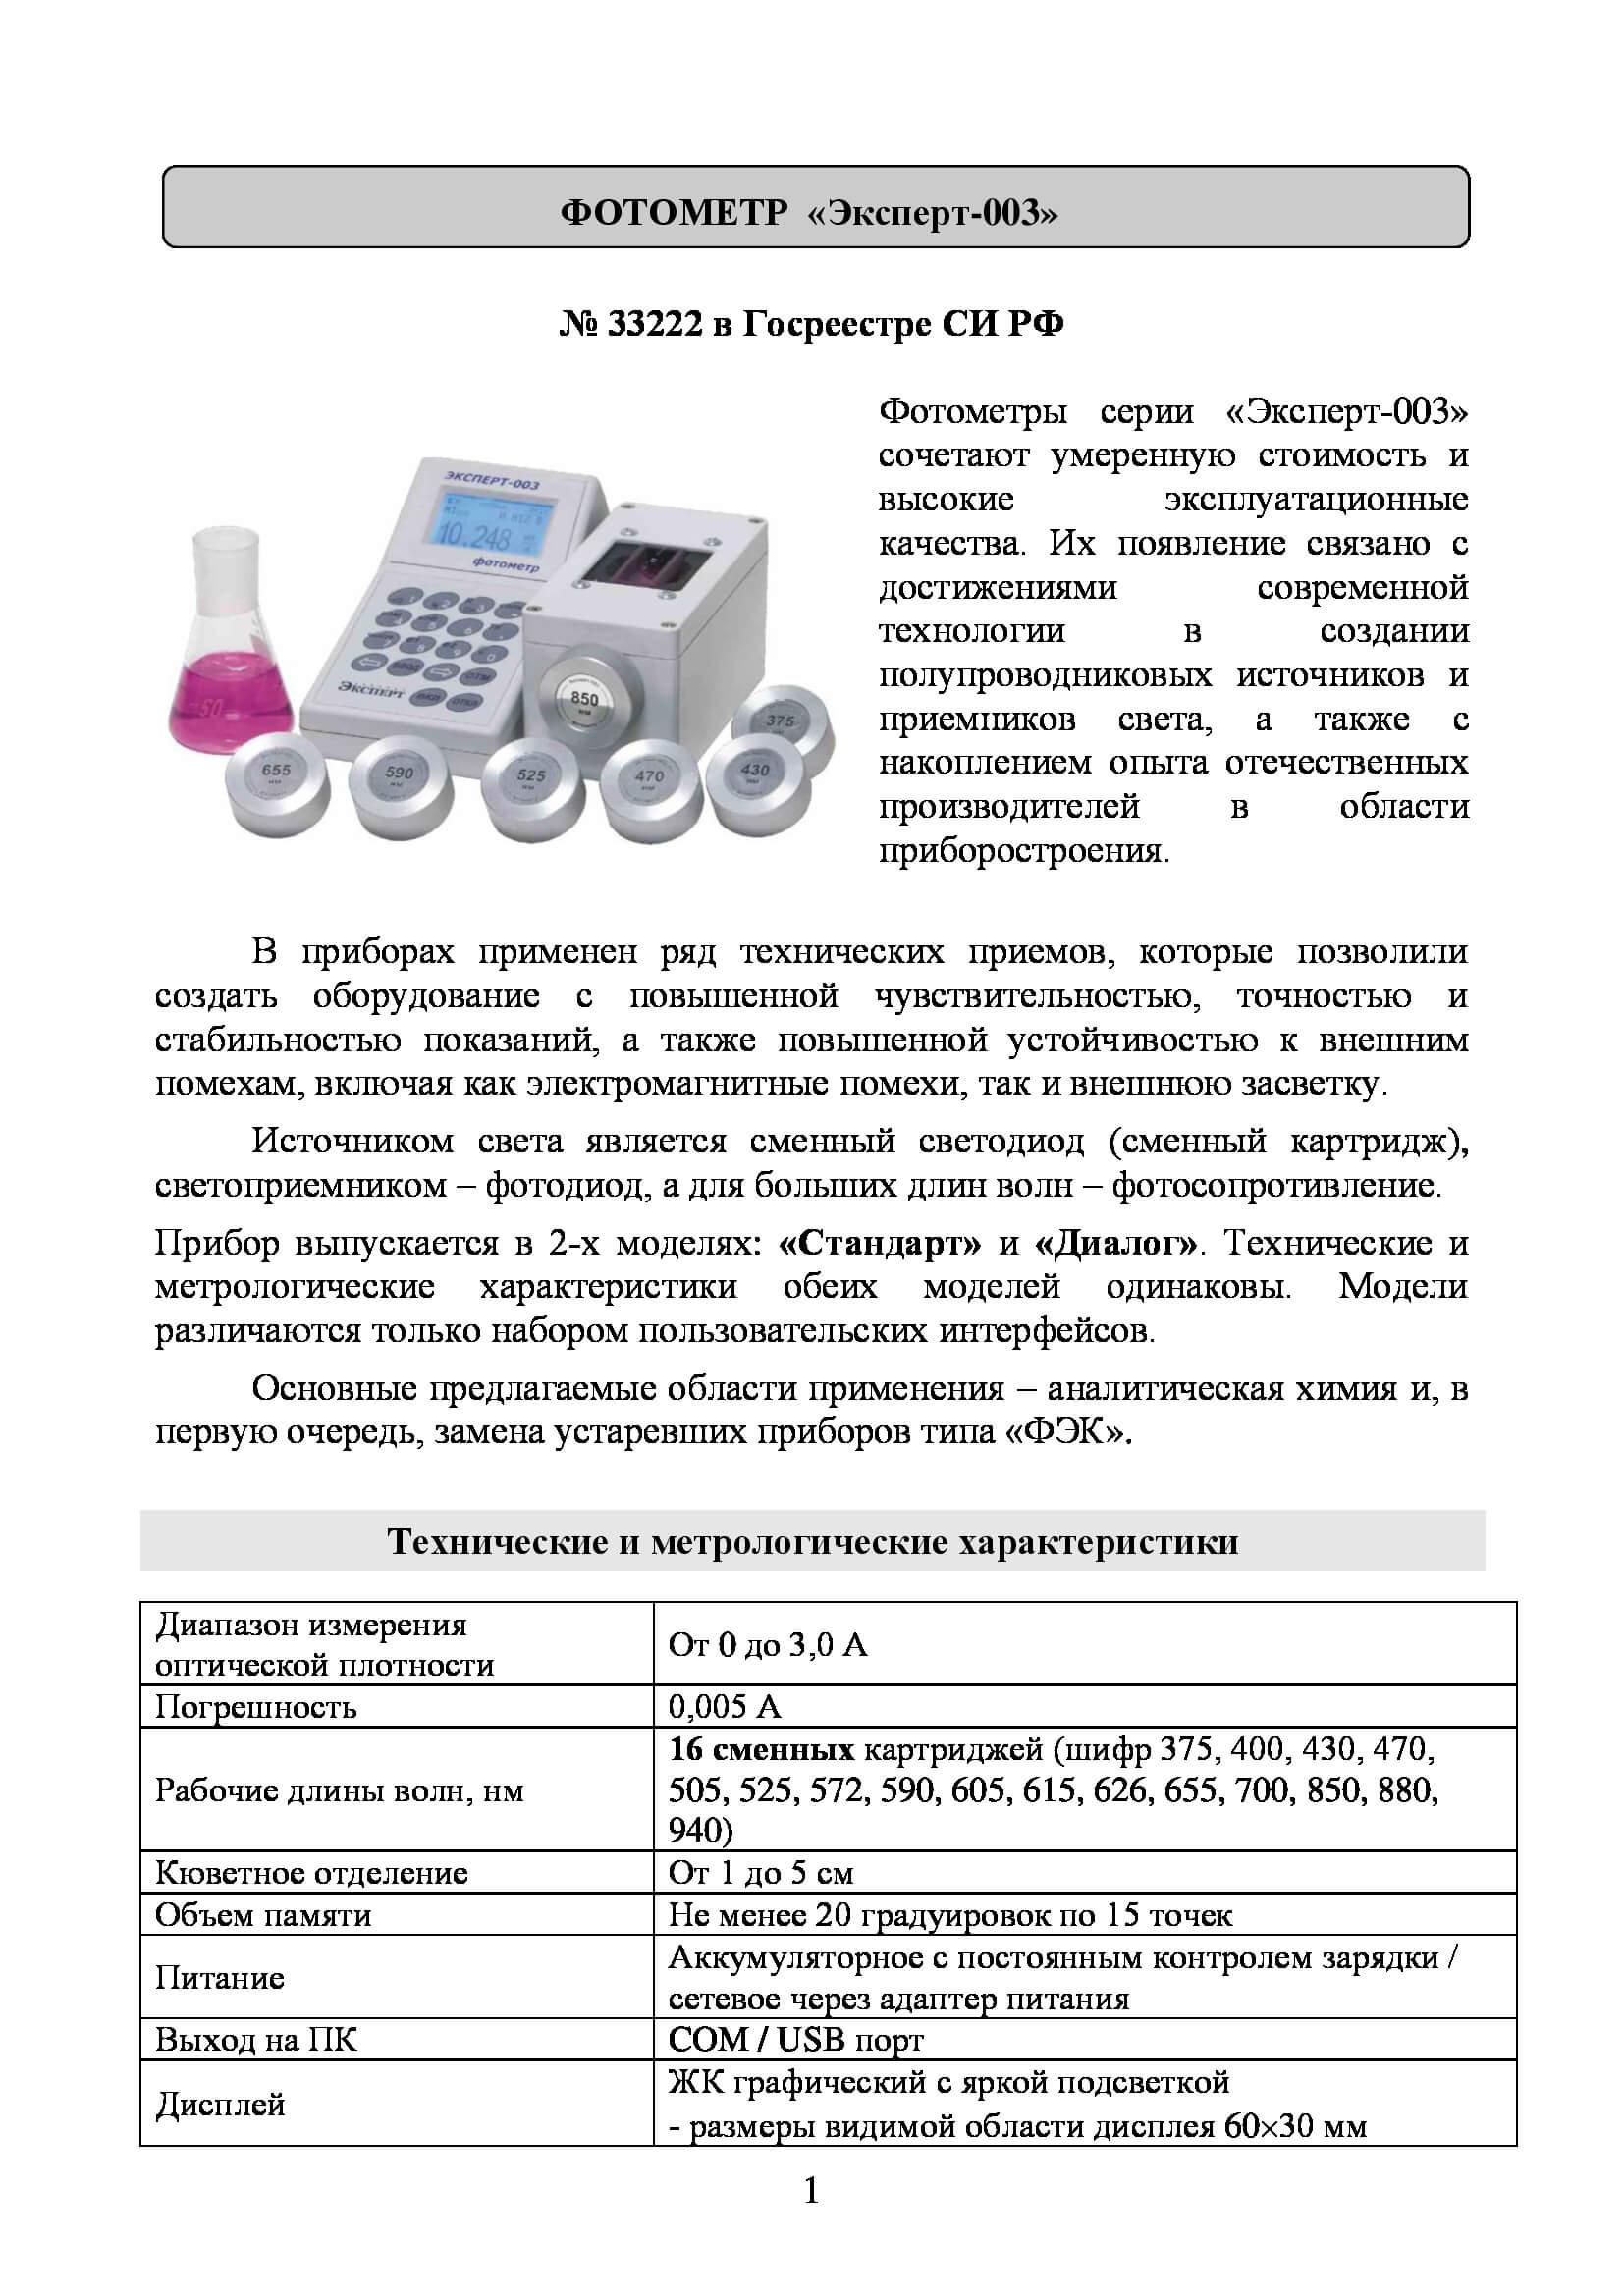 e7f27e39f2bca3d0c92909a9374a66f6-0